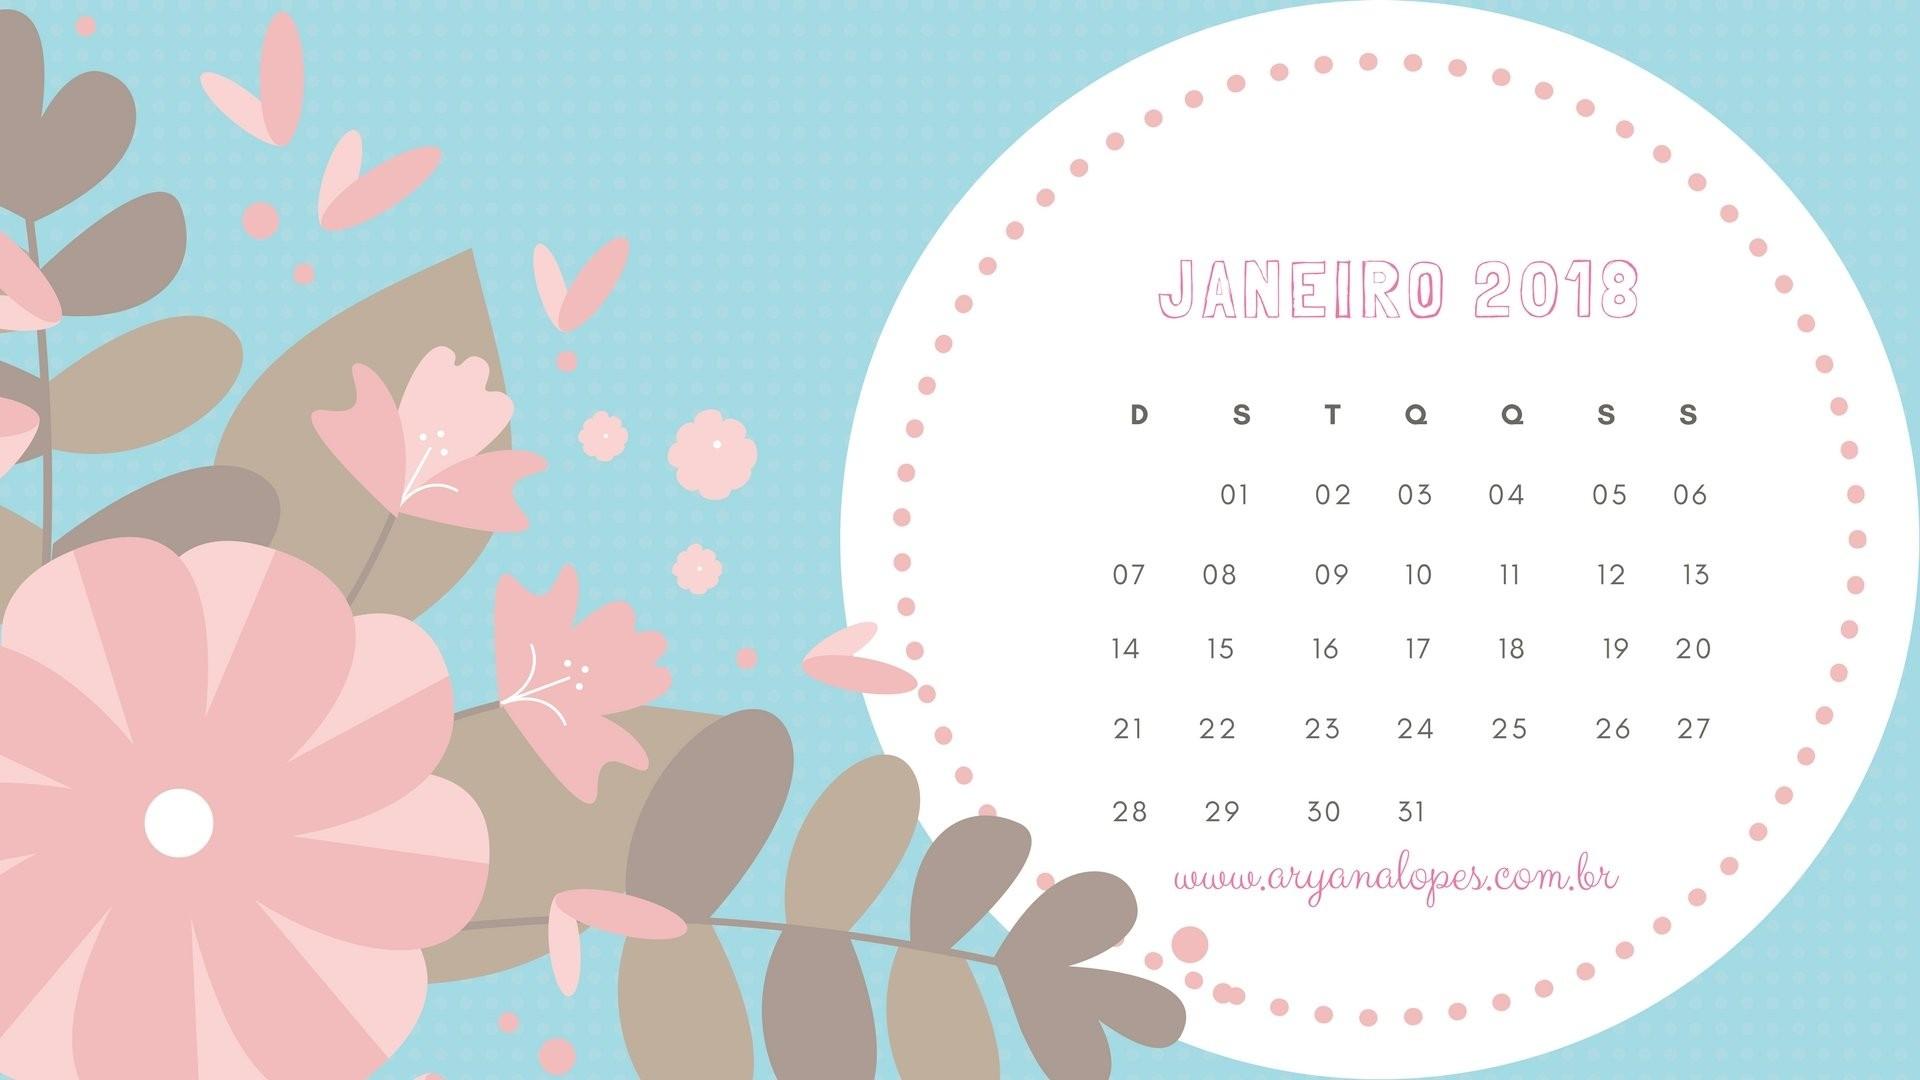 Calendário 2019 Com Feriados Download Más Reciente Partilhando Ideias Calendrio 2018 Calendrio T Of Calendário 2019 Com Feriados Download Recientes Calendario Novembro 2018 Imprimir T